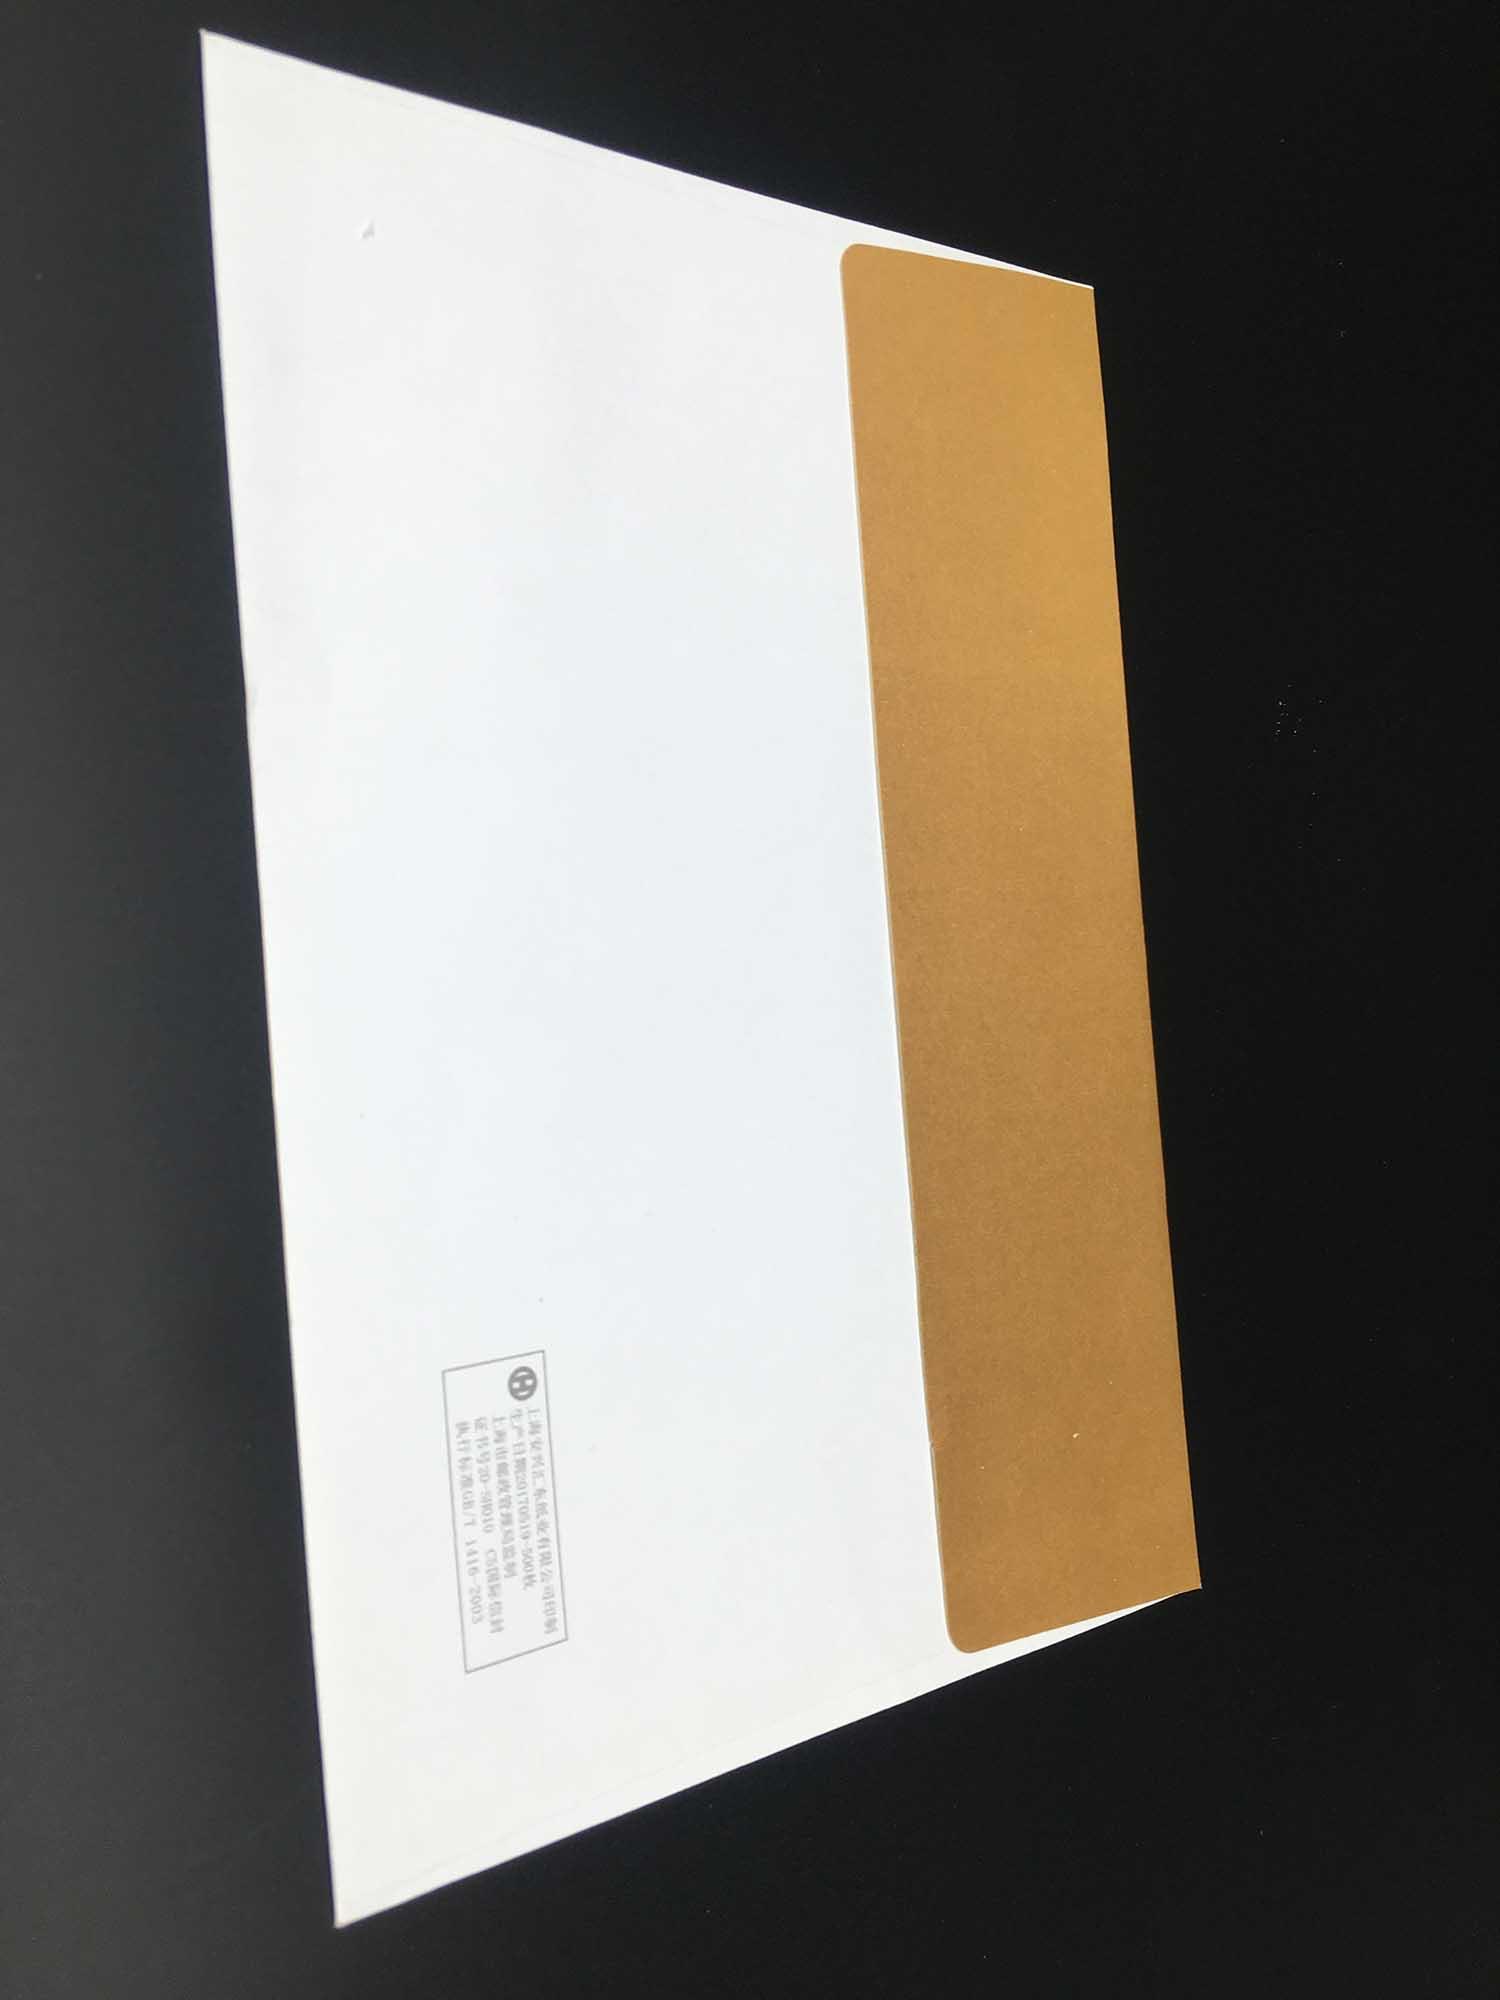 郑州周边企业宣传册印刷设计